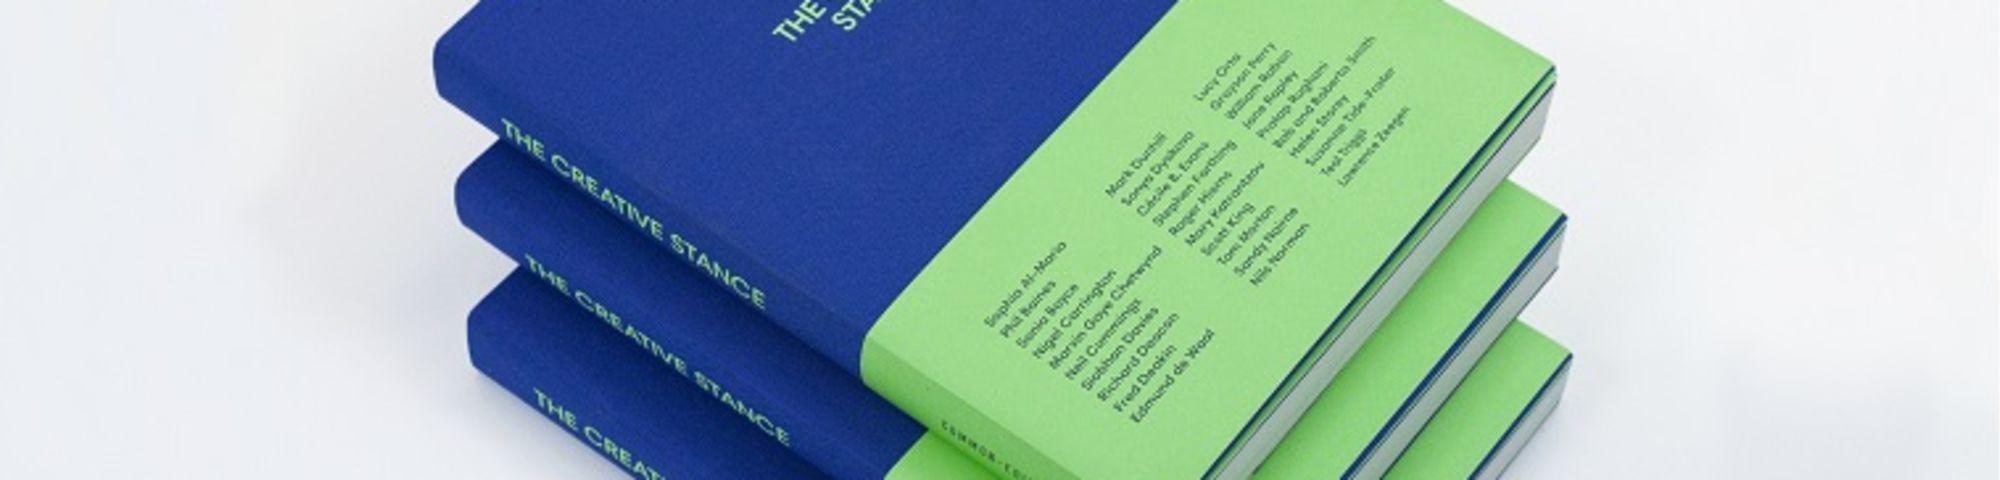 3-Books 760x500px